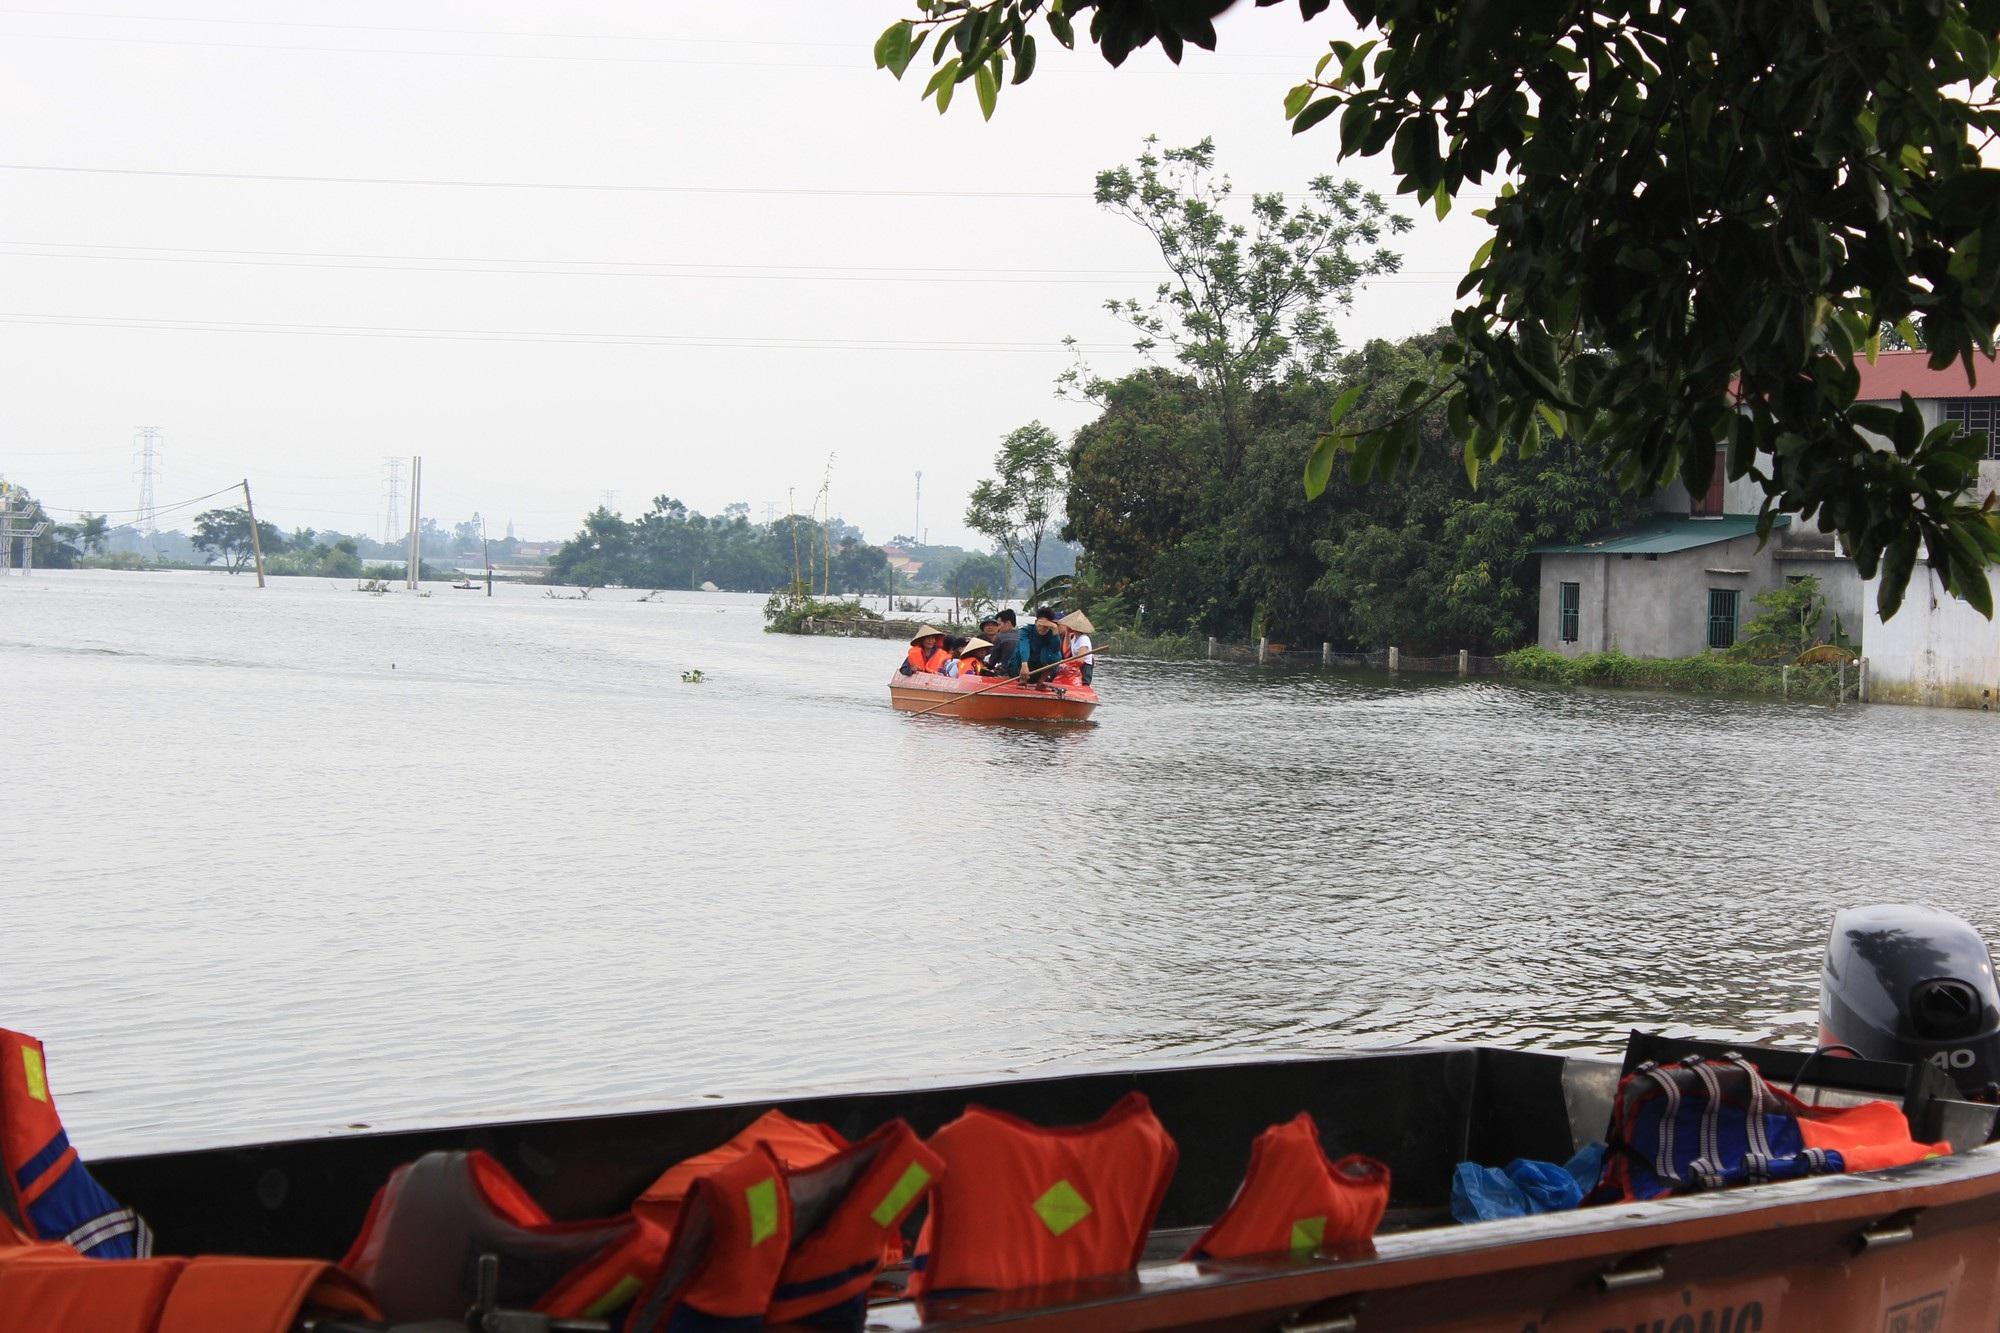 Dân vùng lụt Hà Nội bơi giữa sân, tắm dọc đường làng - 8